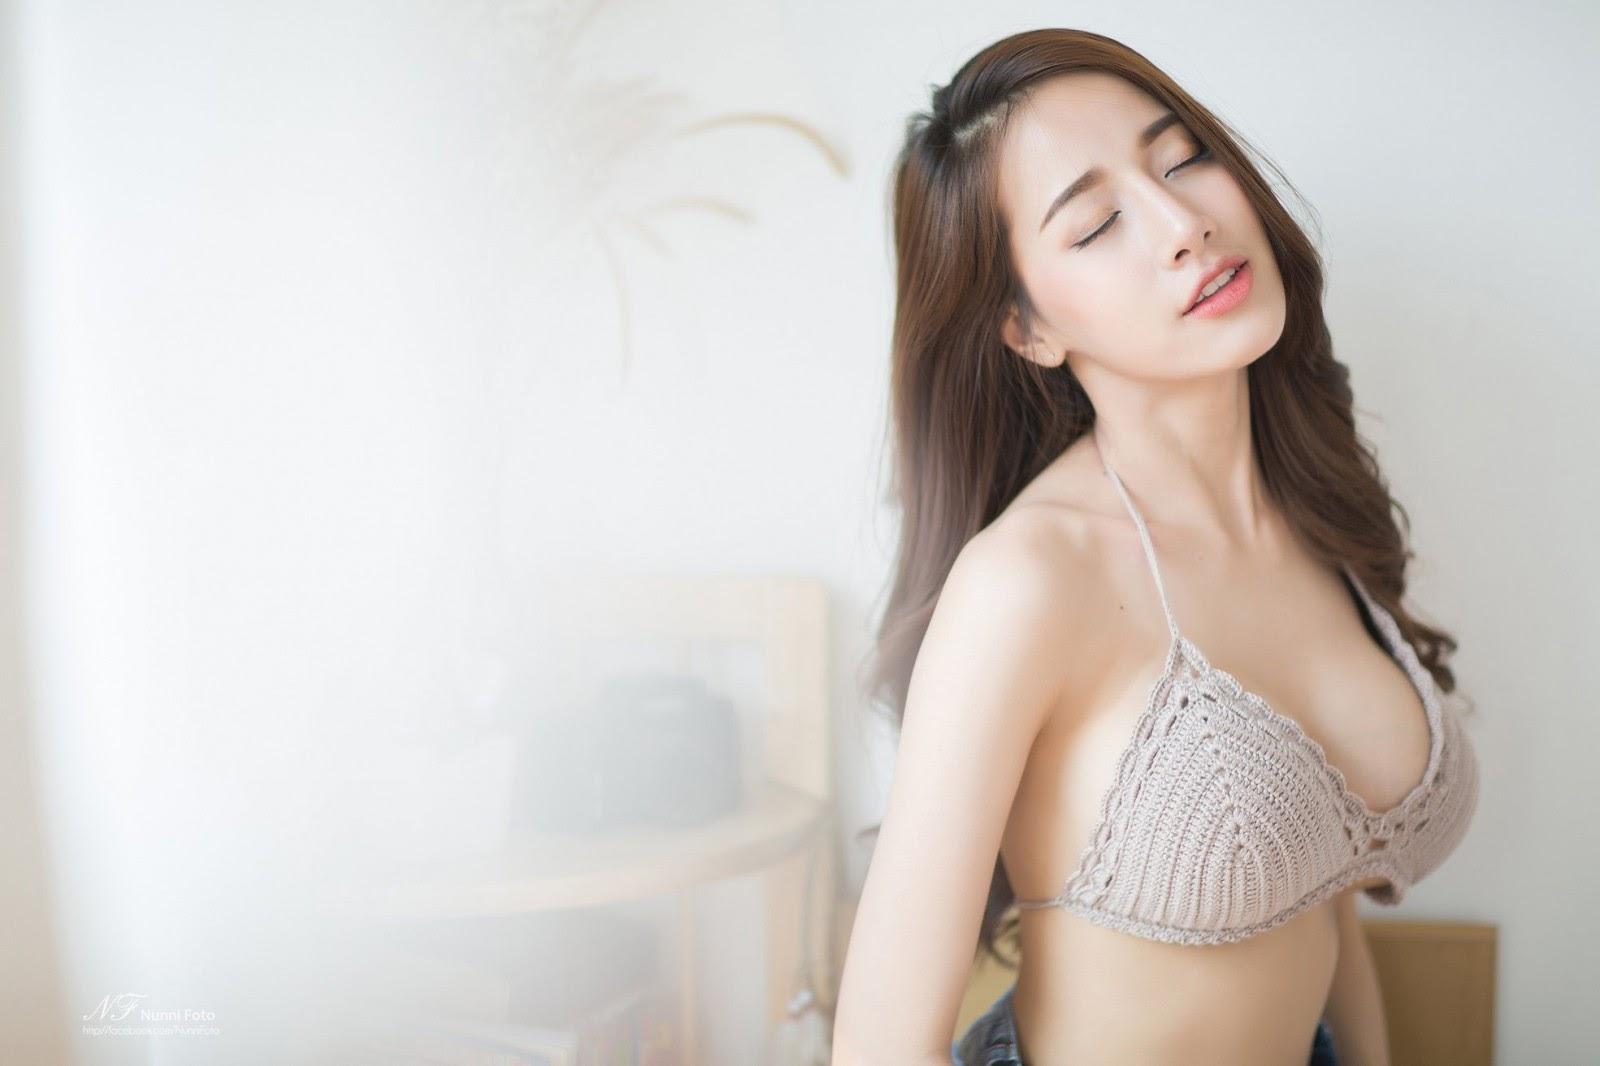 naked Japanese girl